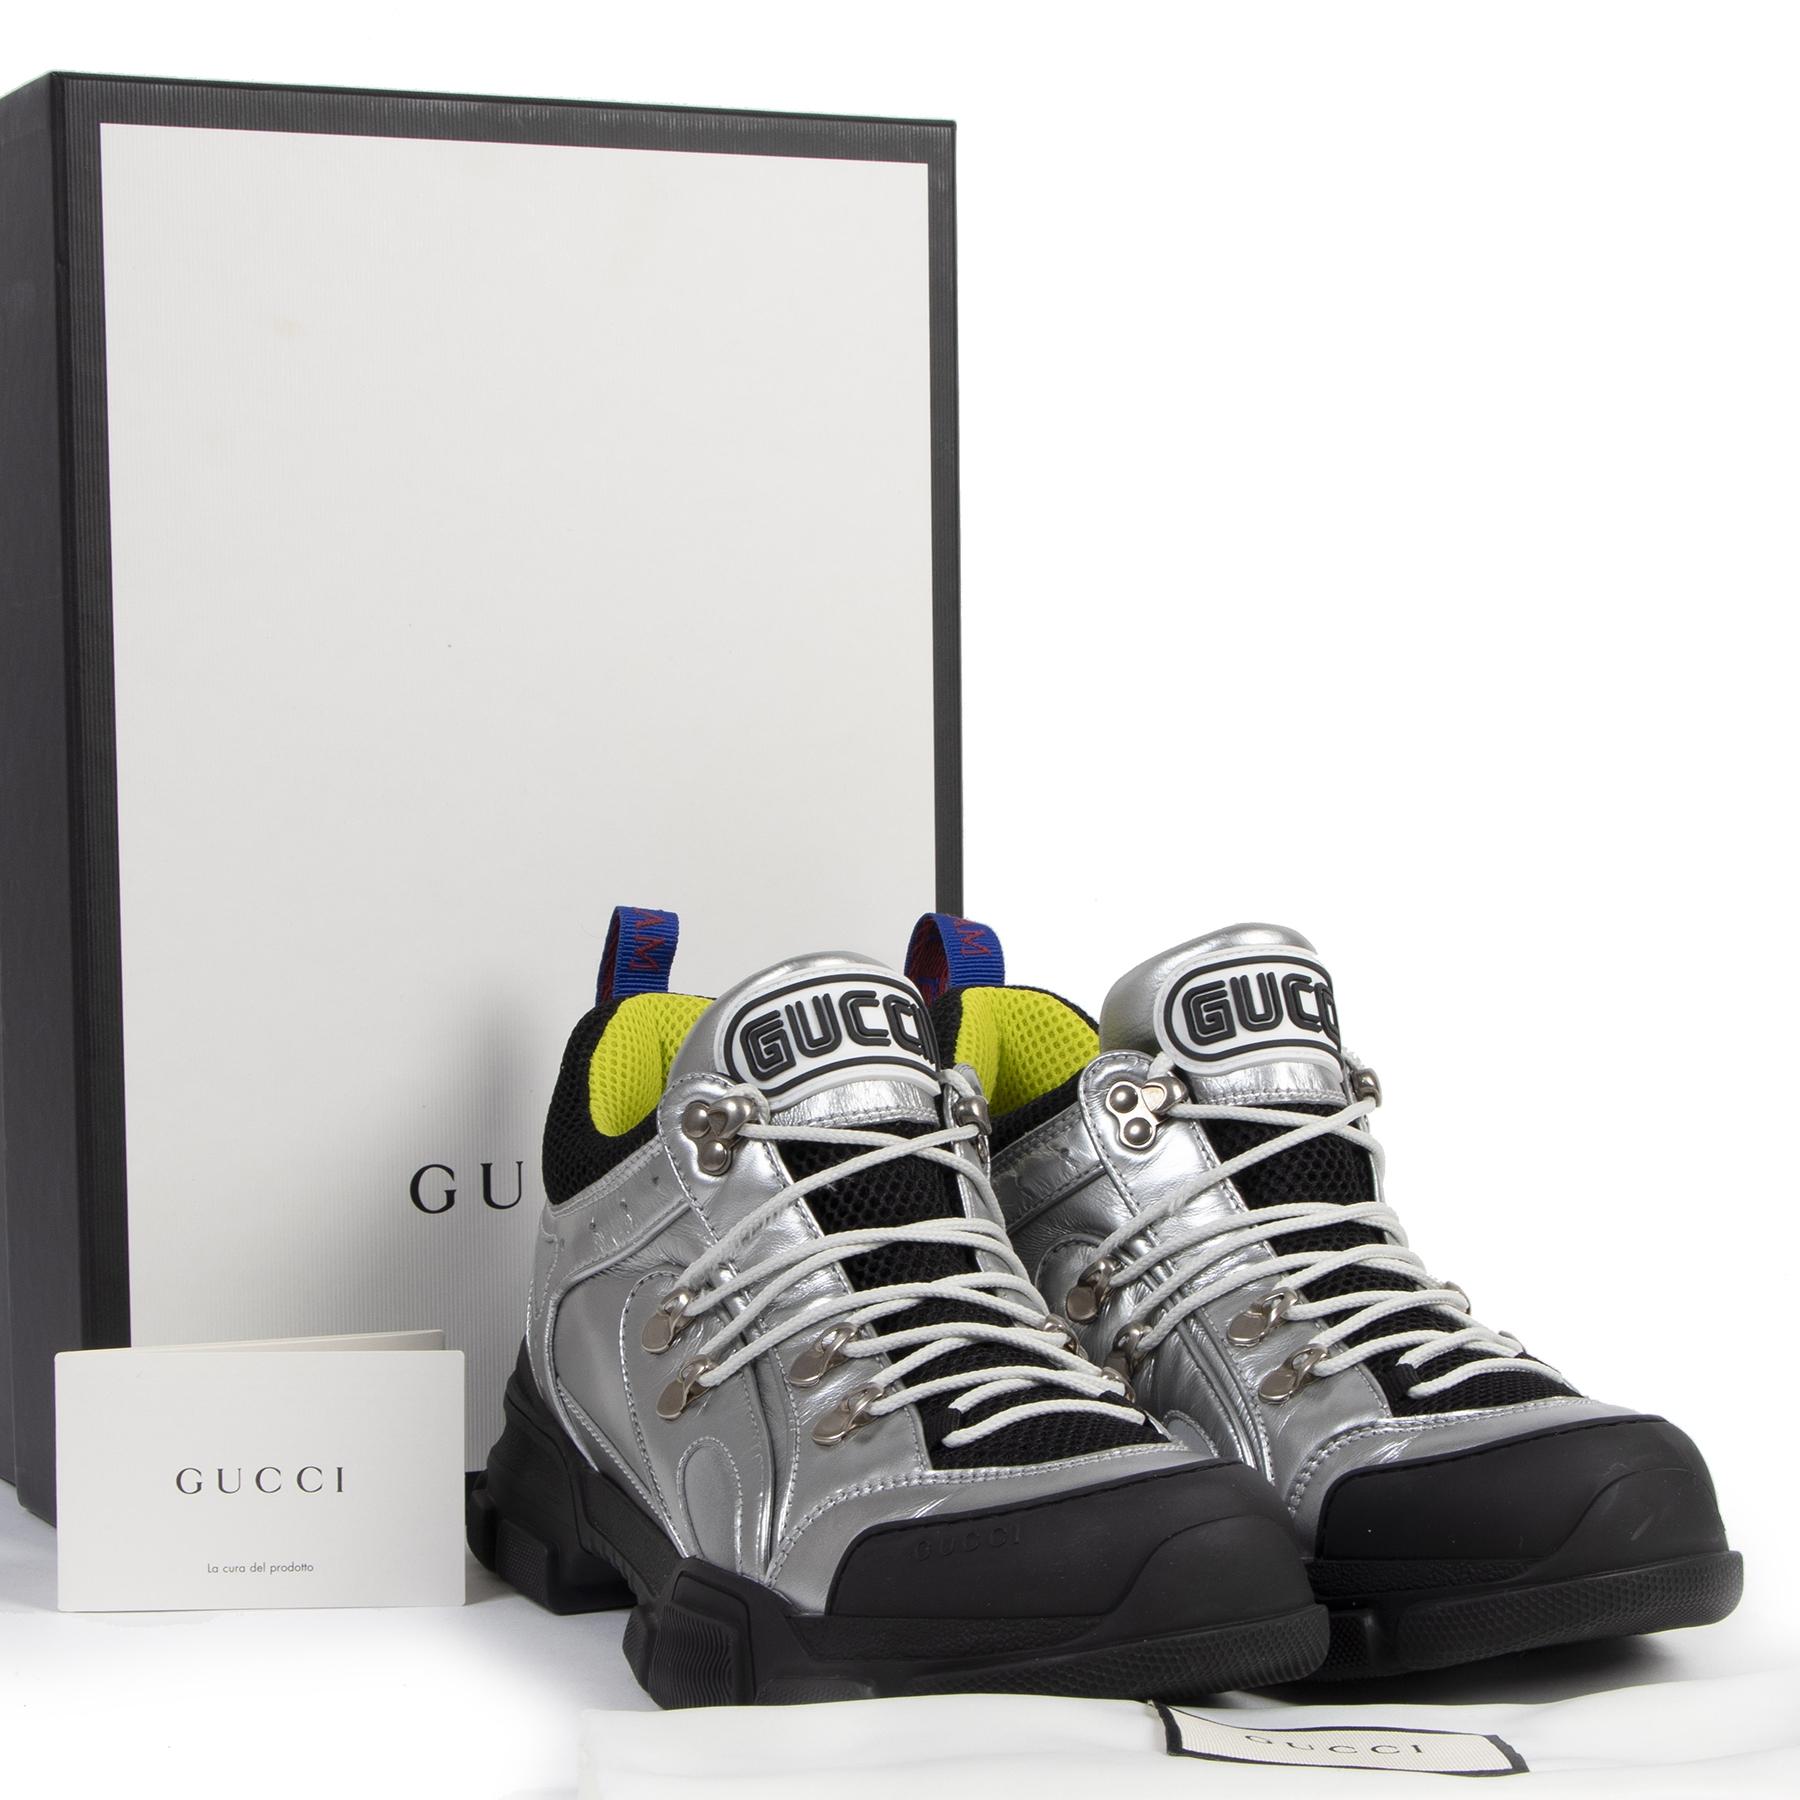 Authentieke Tweedehands Gucci Flashtrek Metallic Leather and Mesh Sneakers - Size 41 juiste prijs veilig online shoppen luxe merken webshop winkelen Antwerpen België mode fashion